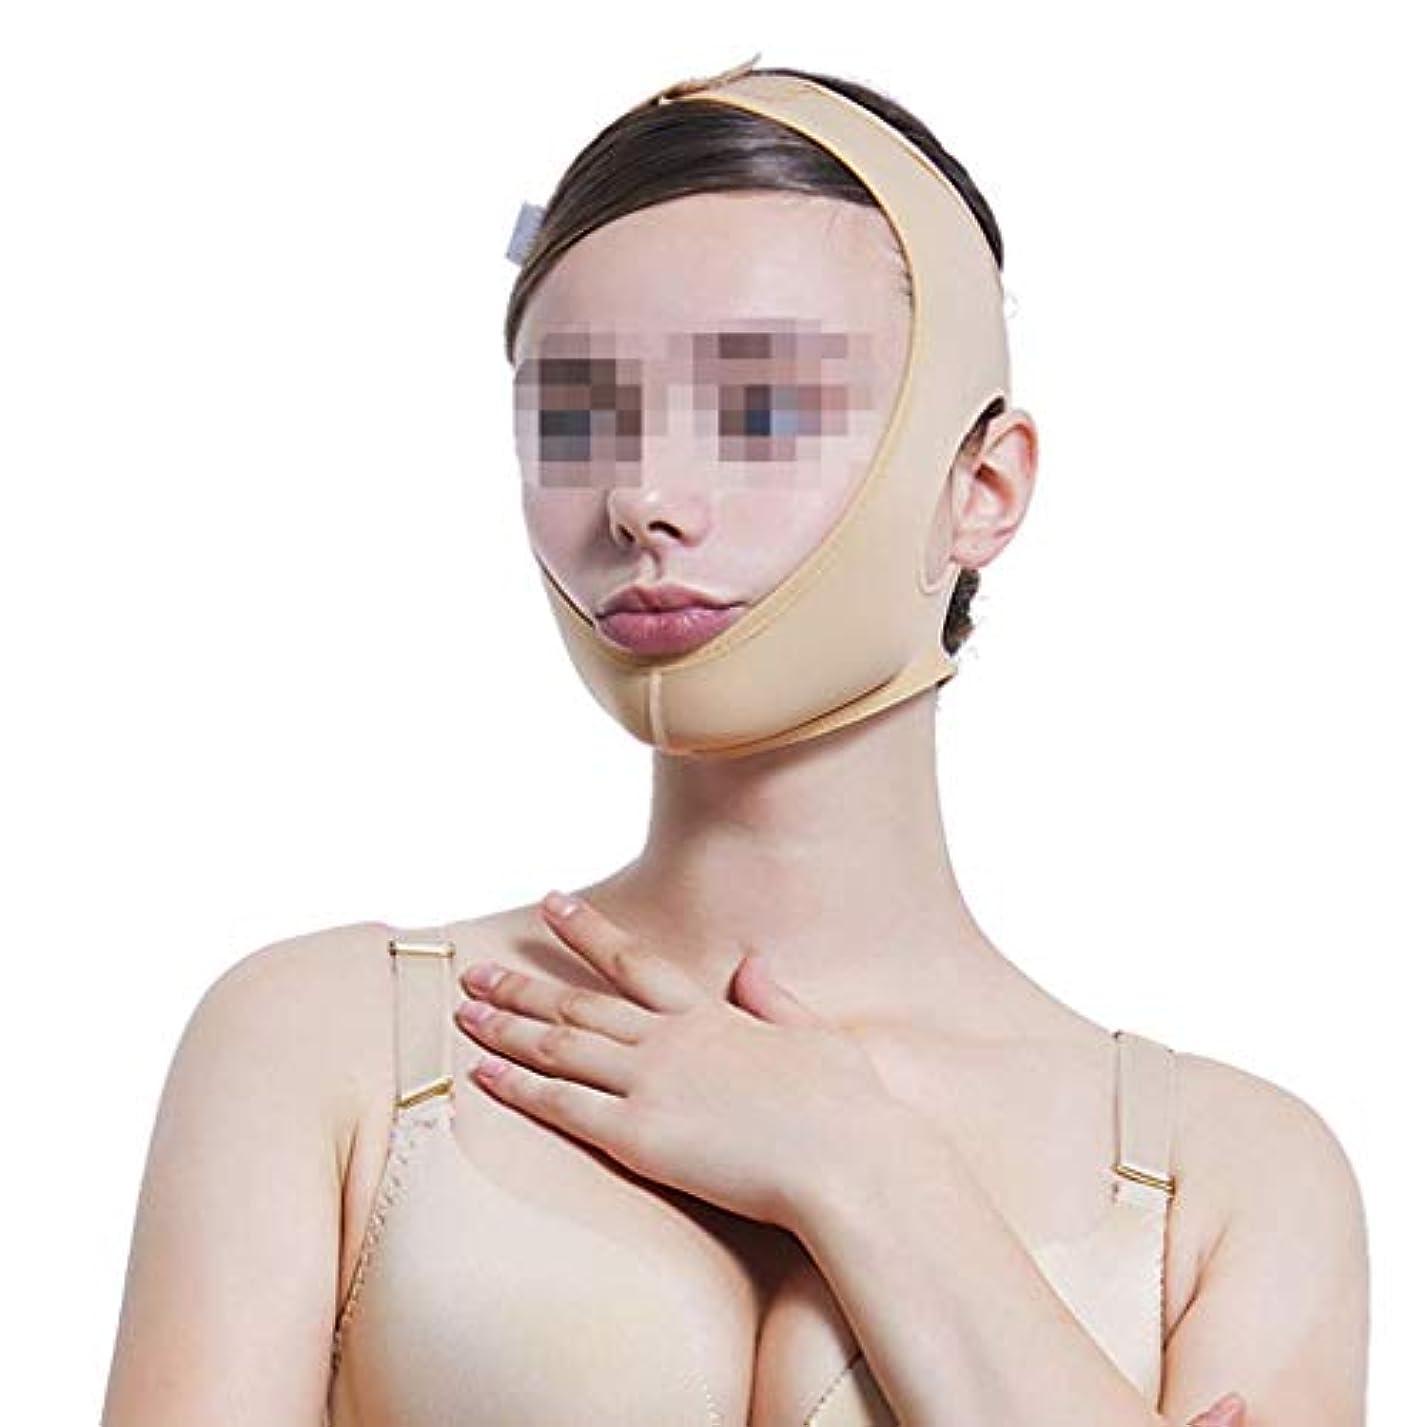 形海洋呼び起こすビームフェイス弾性ヘッドギア、ダブルあごのあごのセットをマスクの後に線彫り薄いフェイス包帯マルチサイズオプション(サイズ:XS),XXL